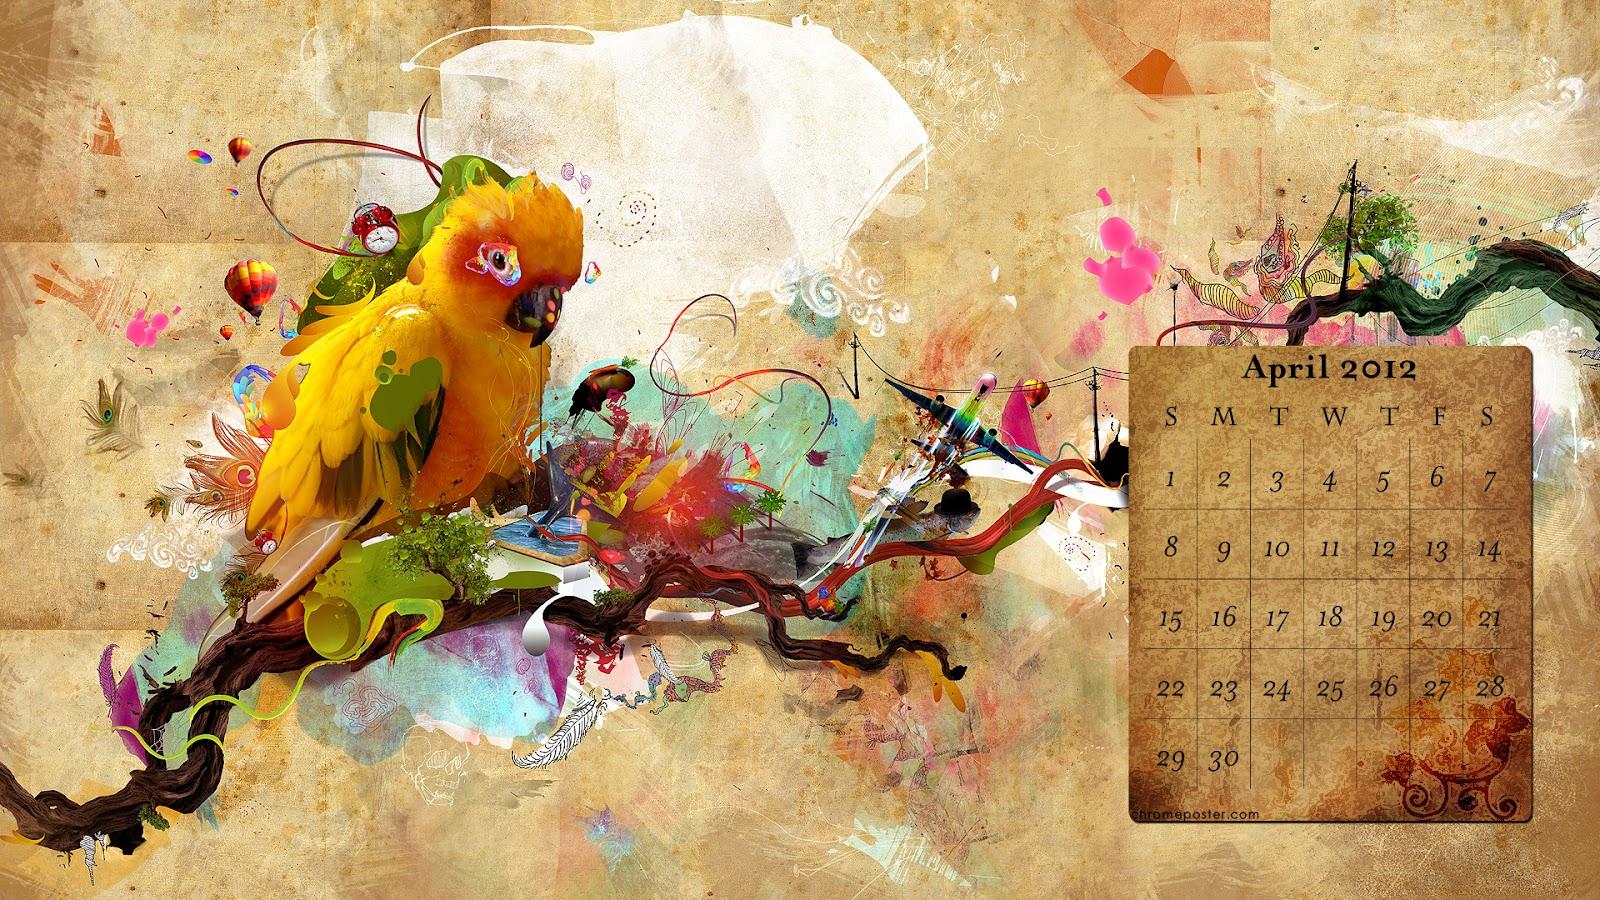 http://1.bp.blogspot.com/-C_n8GPDwN9Q/T3SL0Zfaw5I/AAAAAAAAGic/Zu3VWuIEs6s/s1600/parrot-1920-x-1080.jpg